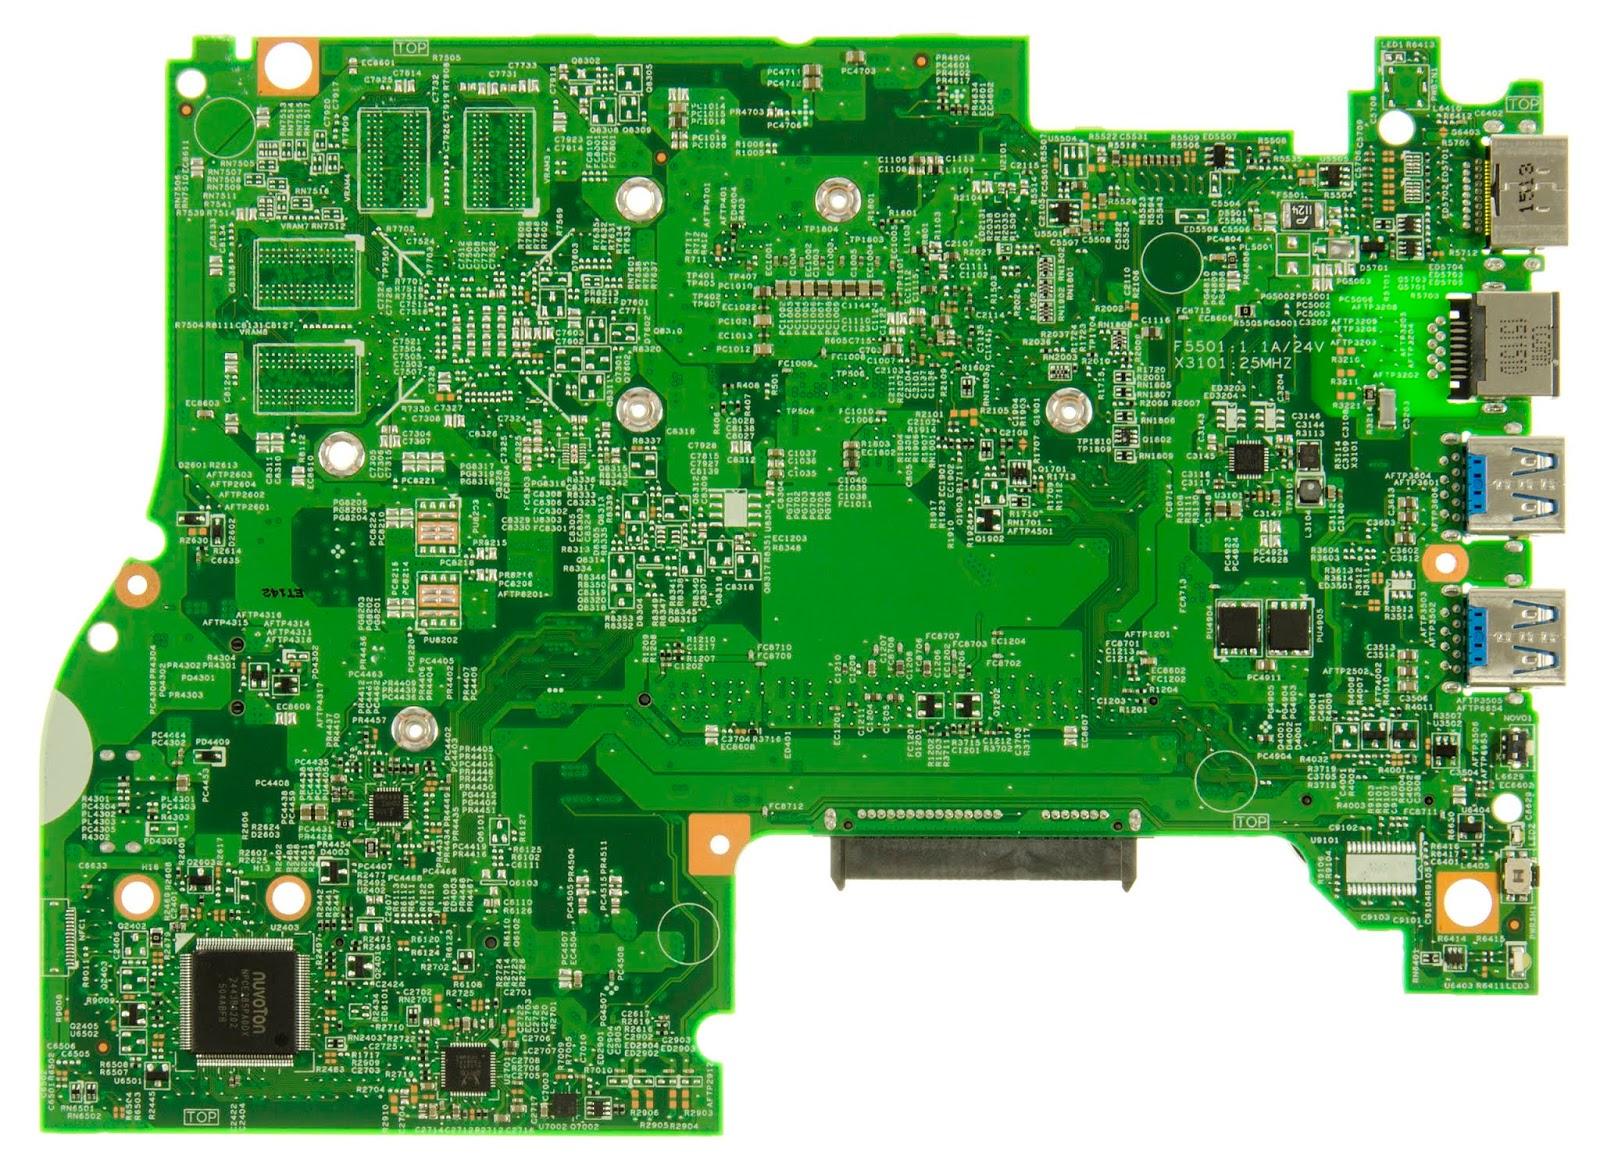 Yoga 500-14IBD Laptop (ideapad) Bios Bin + Drivers Download | BD-FIX